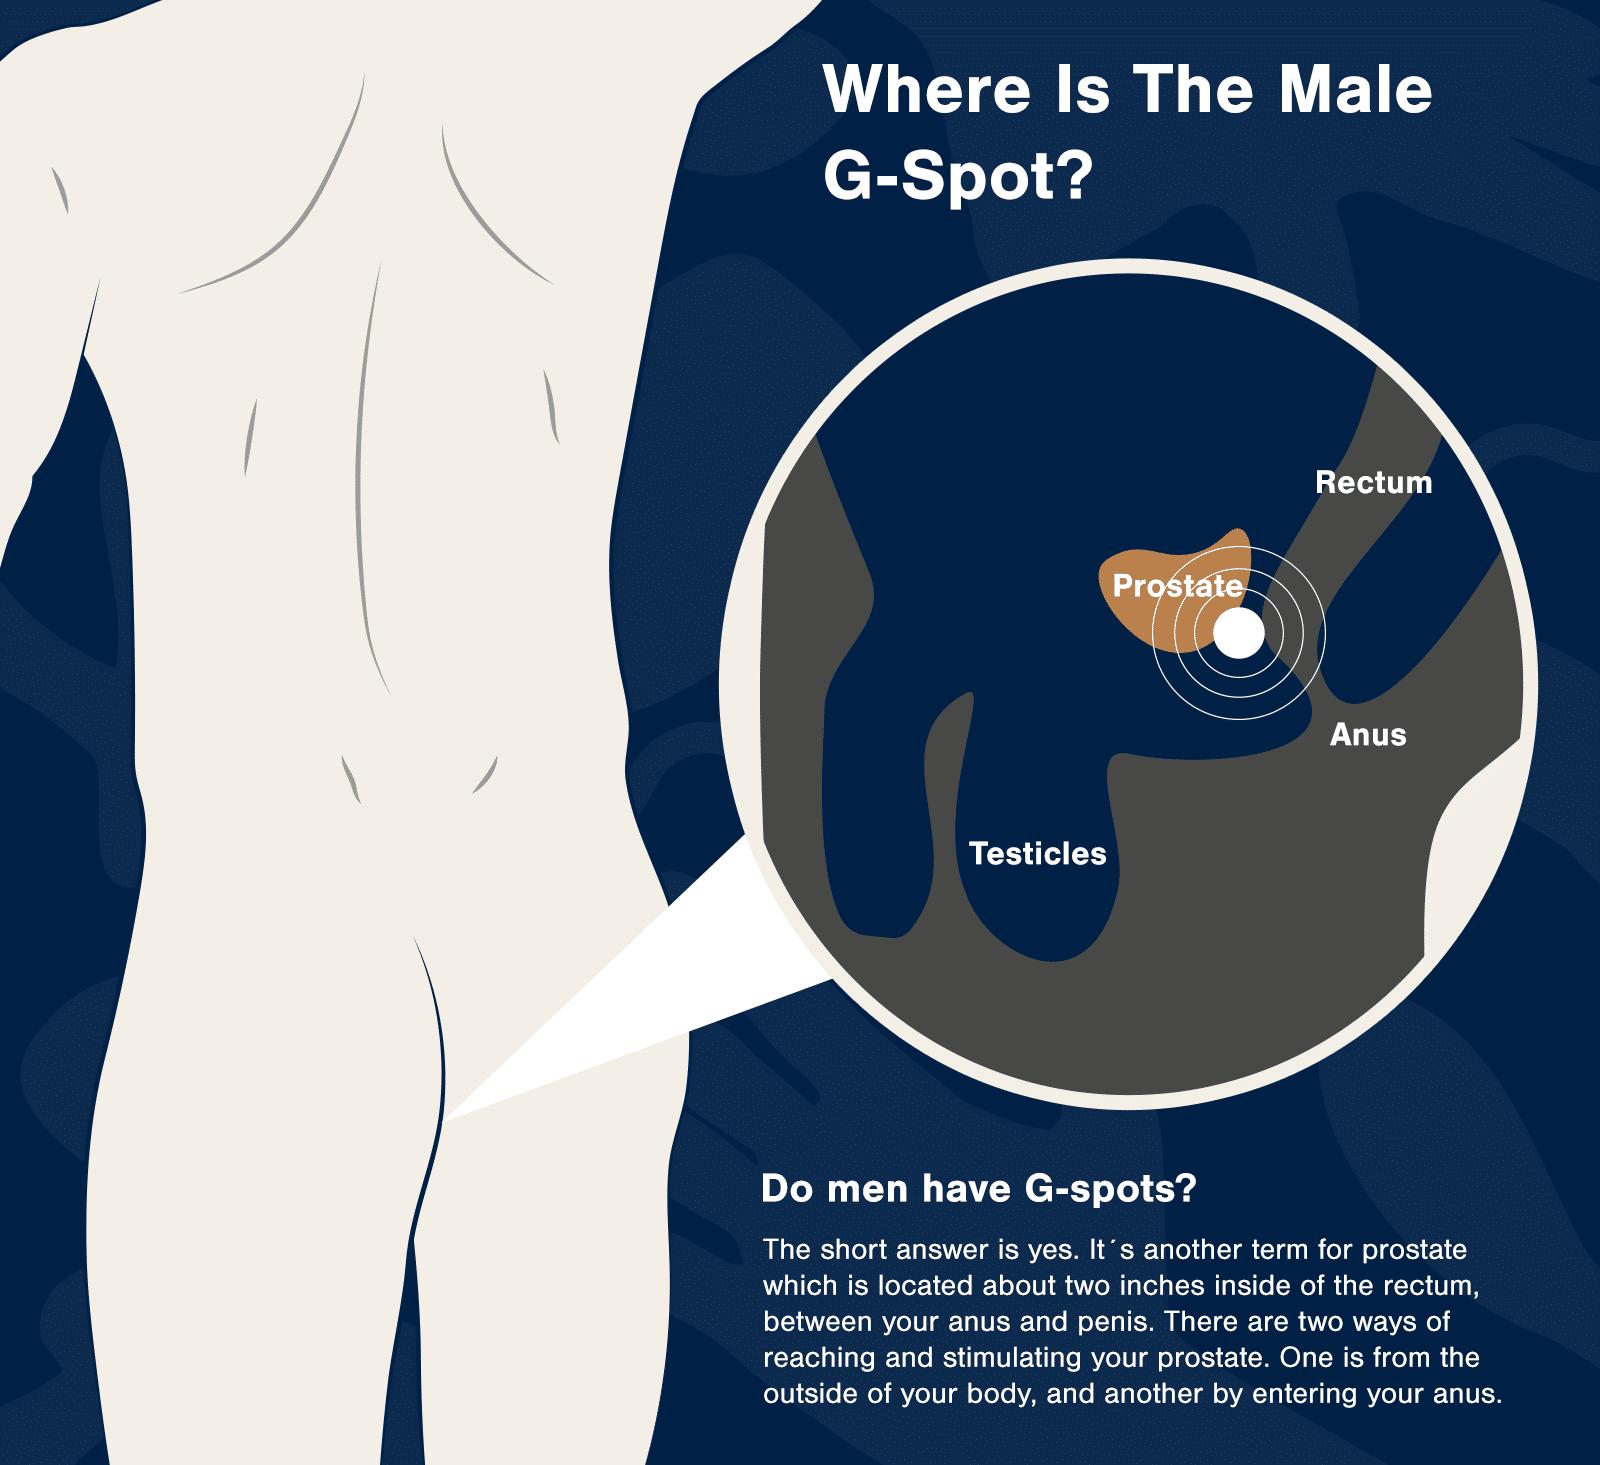 do men have g-spots o-boy-o-diaries